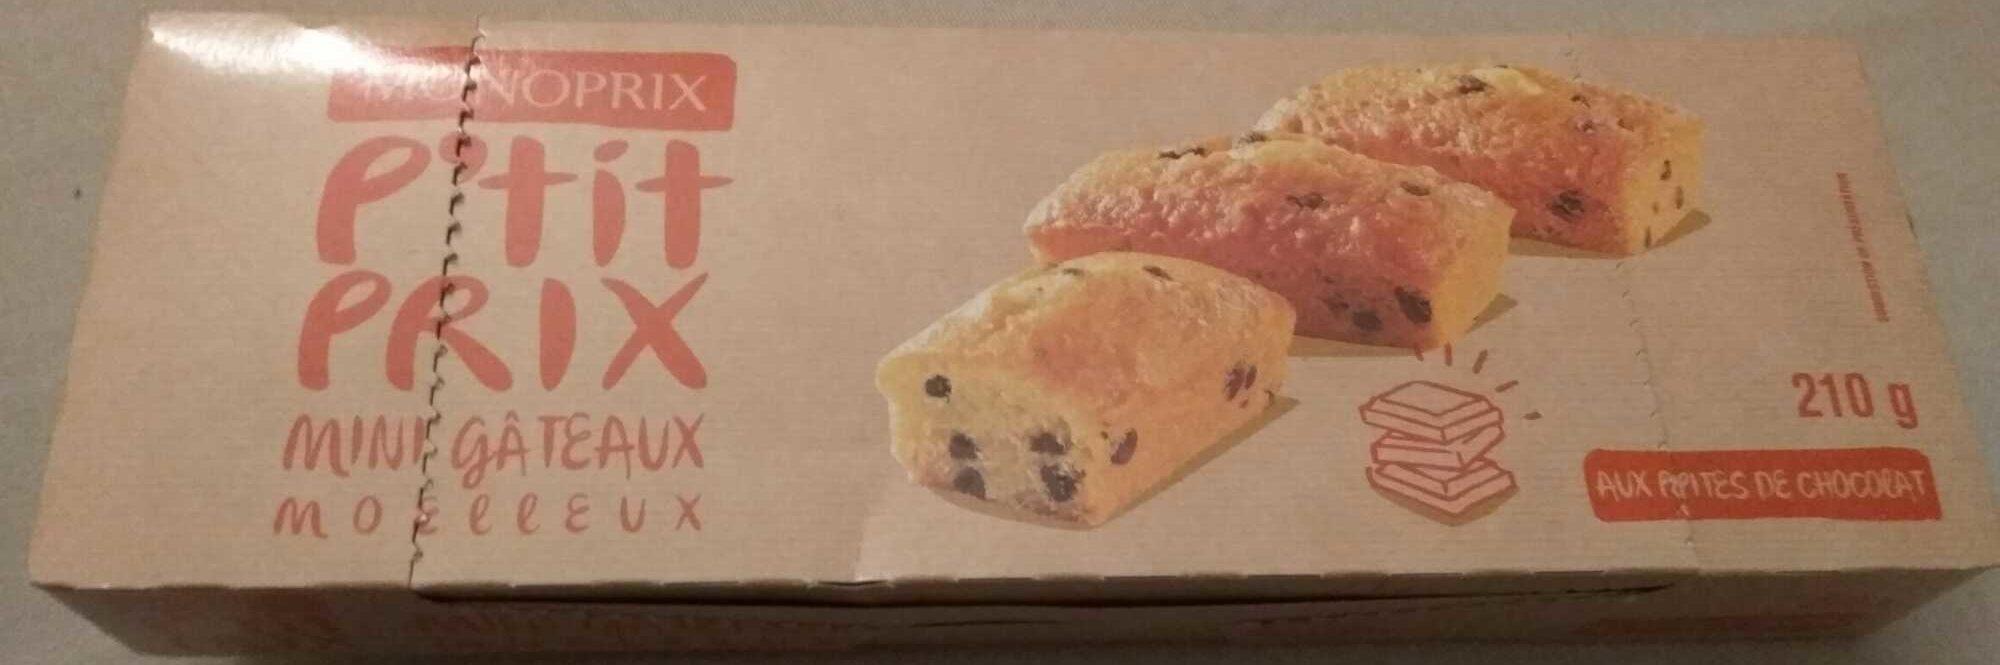 P'tit Prix Mini gâteaux moelleux - Product - fr